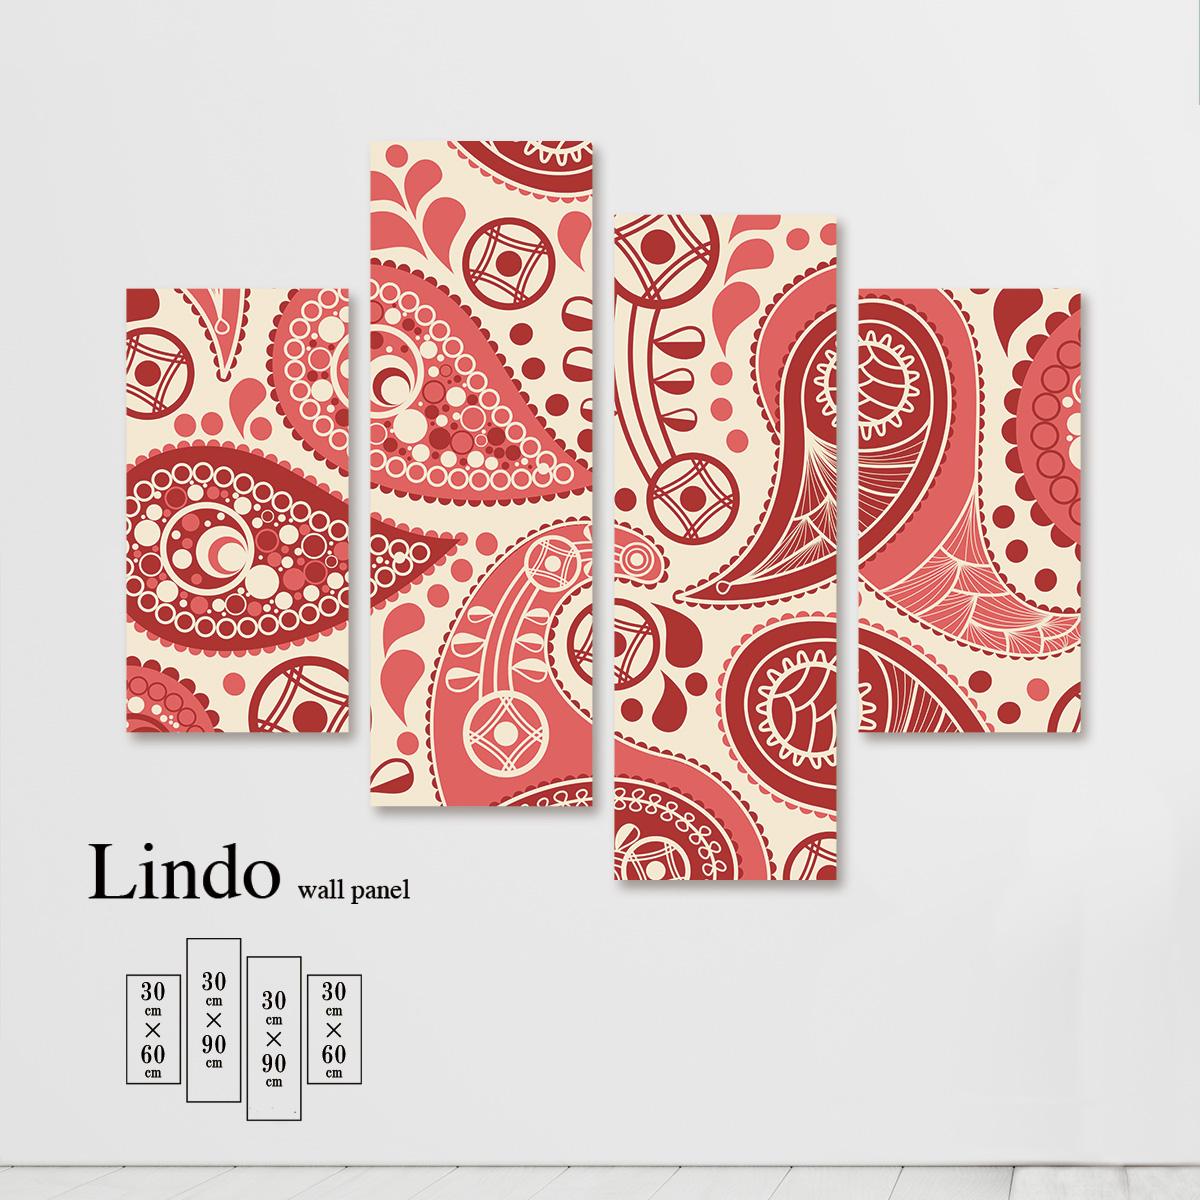 ファブリックパネル ペイズリー 柄 パターン 幾何柄 模様 可愛い ポップ 壁掛け 北欧 お洒落 デザイン アート 壁飾り アートボード 4枚パネル